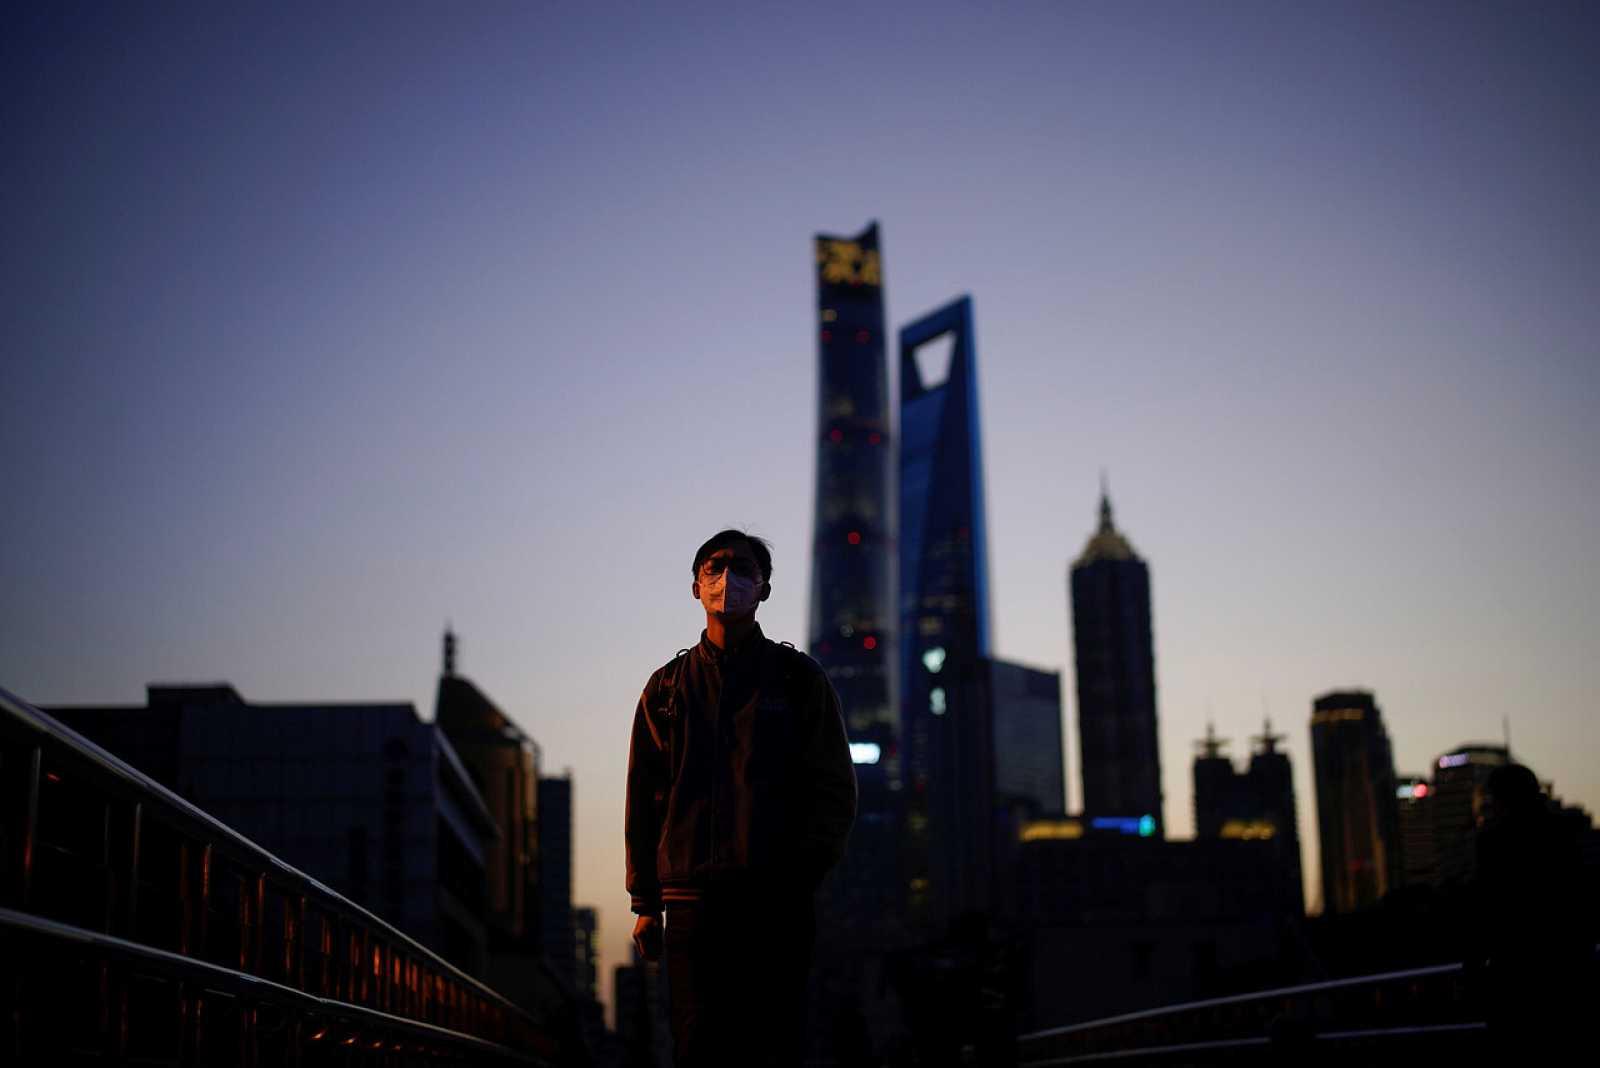 Un hombre usa una máscara en el distrito financiero de Lujiazui en Shanghái, China